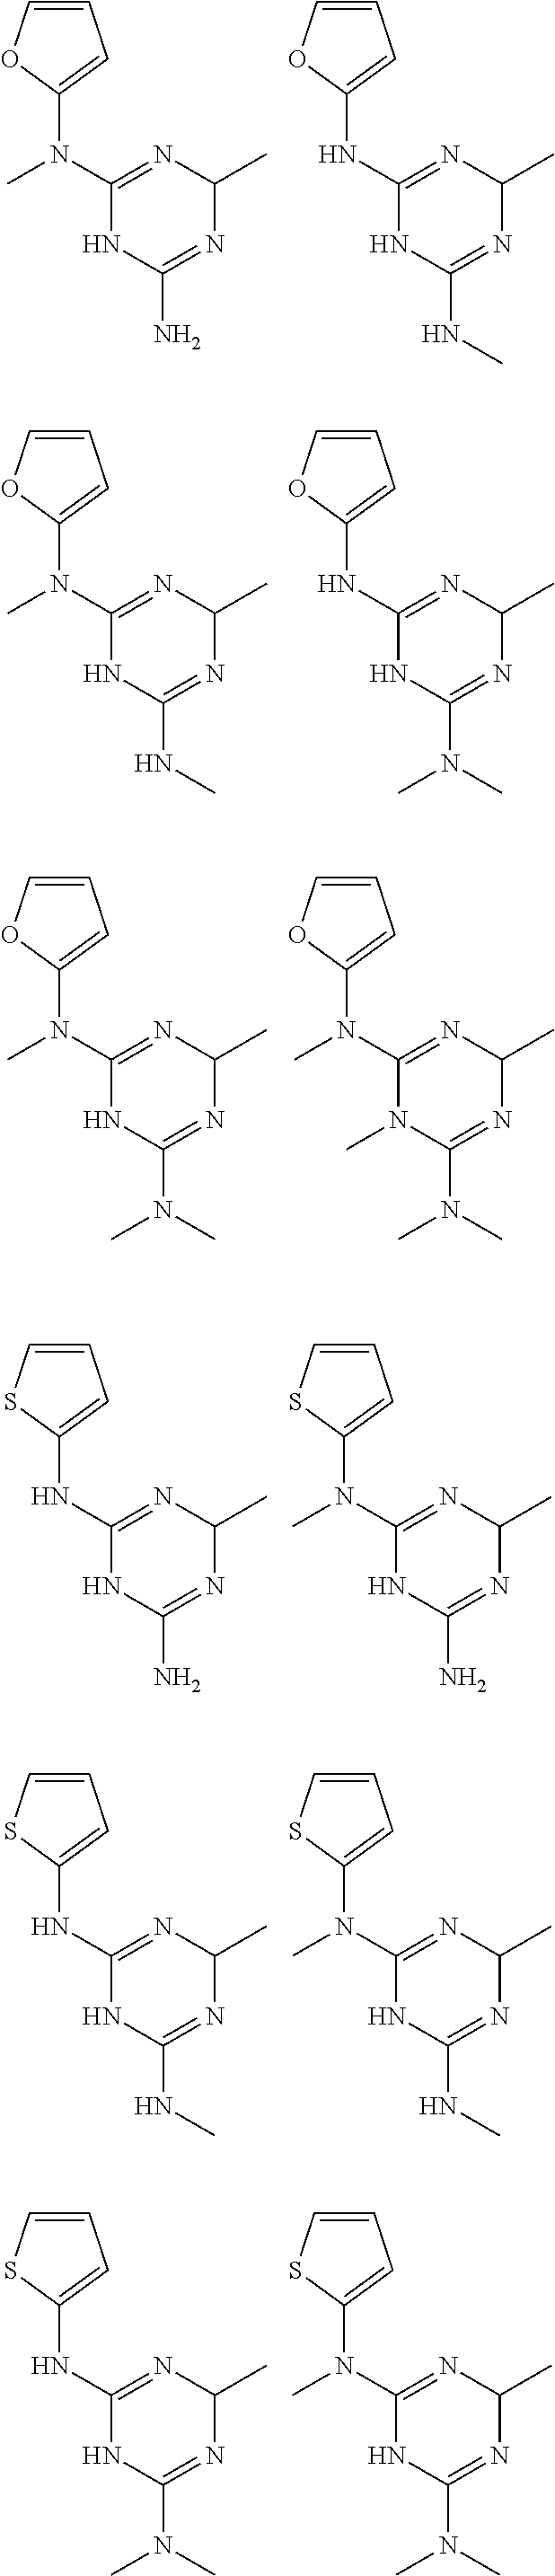 Figure US09480663-20161101-C00185